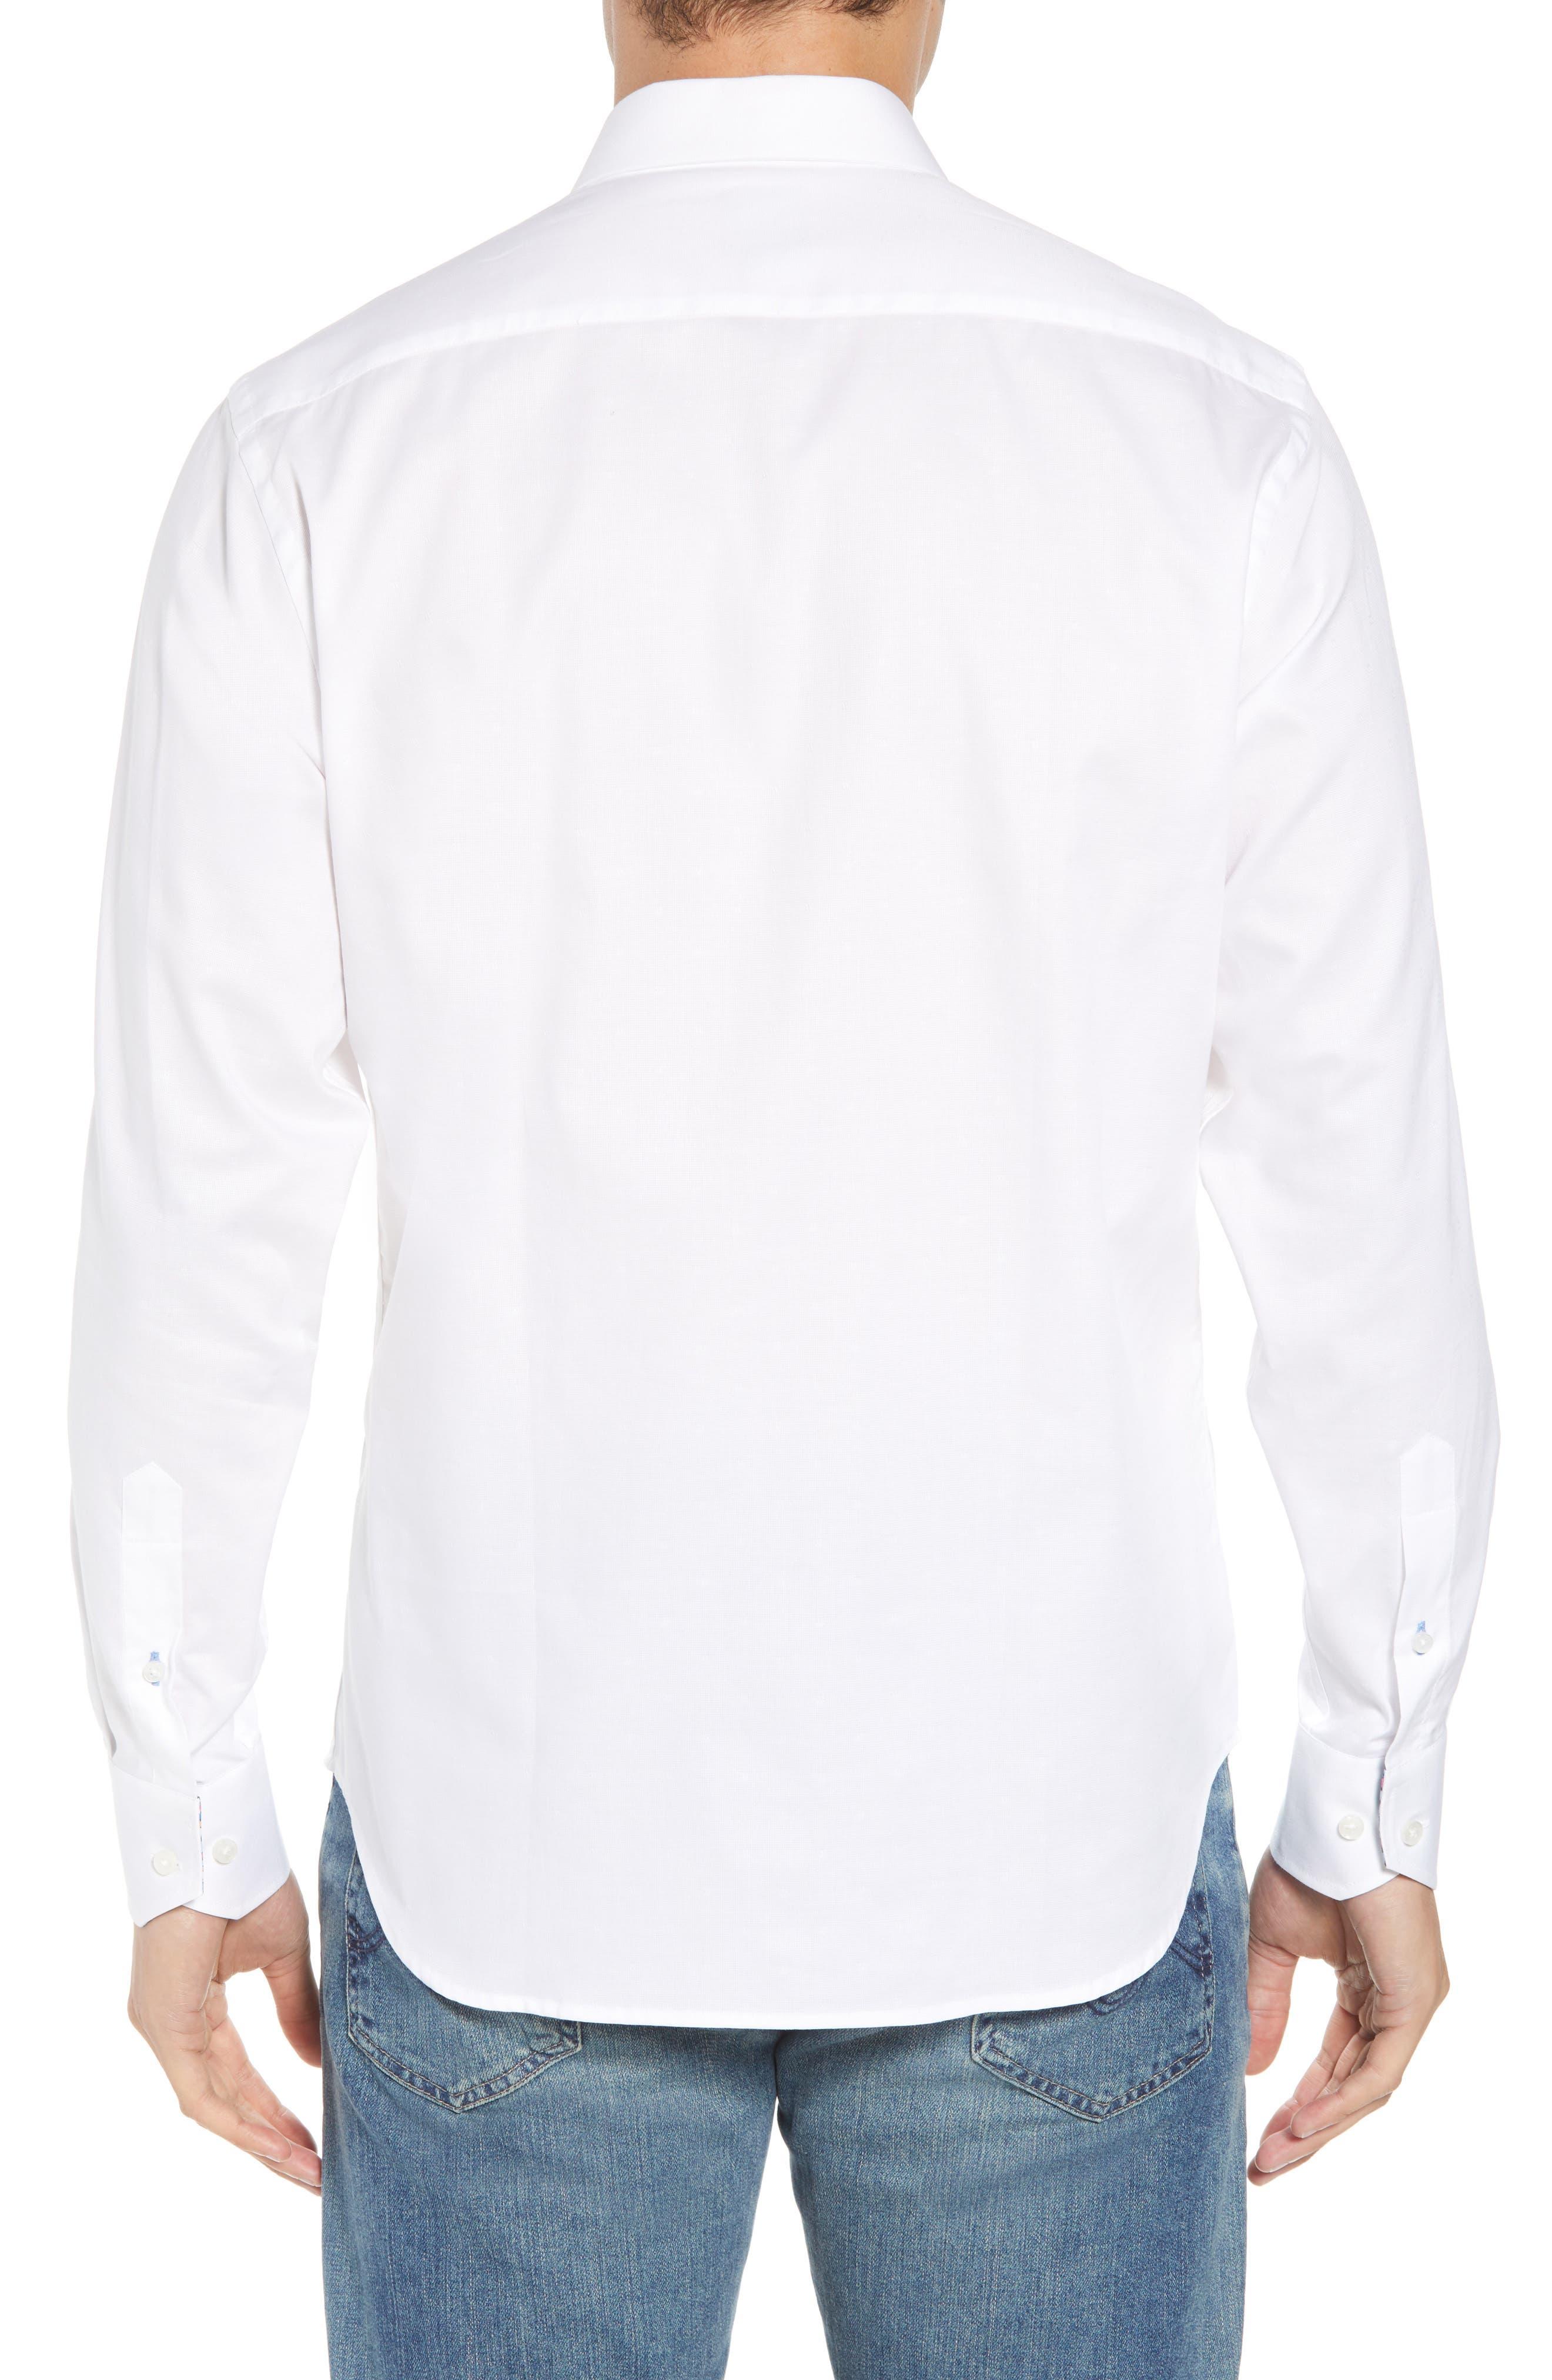 Angelo Regular Fit Sport Shirt,                             Alternate thumbnail 3, color,                             White